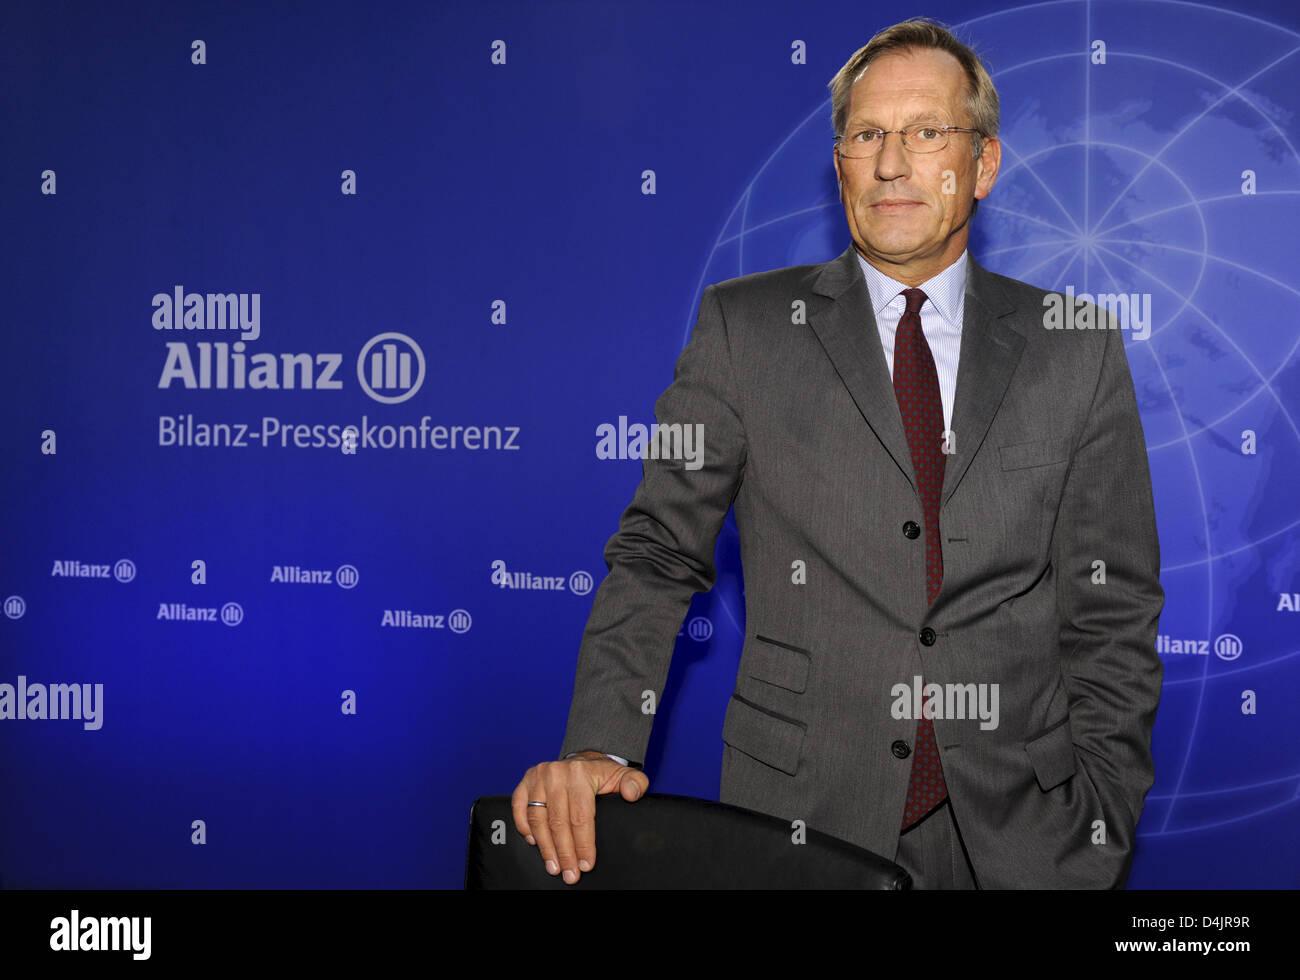 CEO de Allianz, Michael Diekmann, está retratado con anterioridad a la conferencia de prensa de balance en Munich, Alemania, el 26 de febrero de 2009. Después de la venta de ?filial Dresdner Bank? Y también debido a la crisis financiera, la mayor aseguradora de Europa?s ha sufrido una pérdida de 2.400 millones de euros durante el último año, como se anunció por parte de Allianz SE en Munich. Foto: PETER KNEFFEL Foto de stock